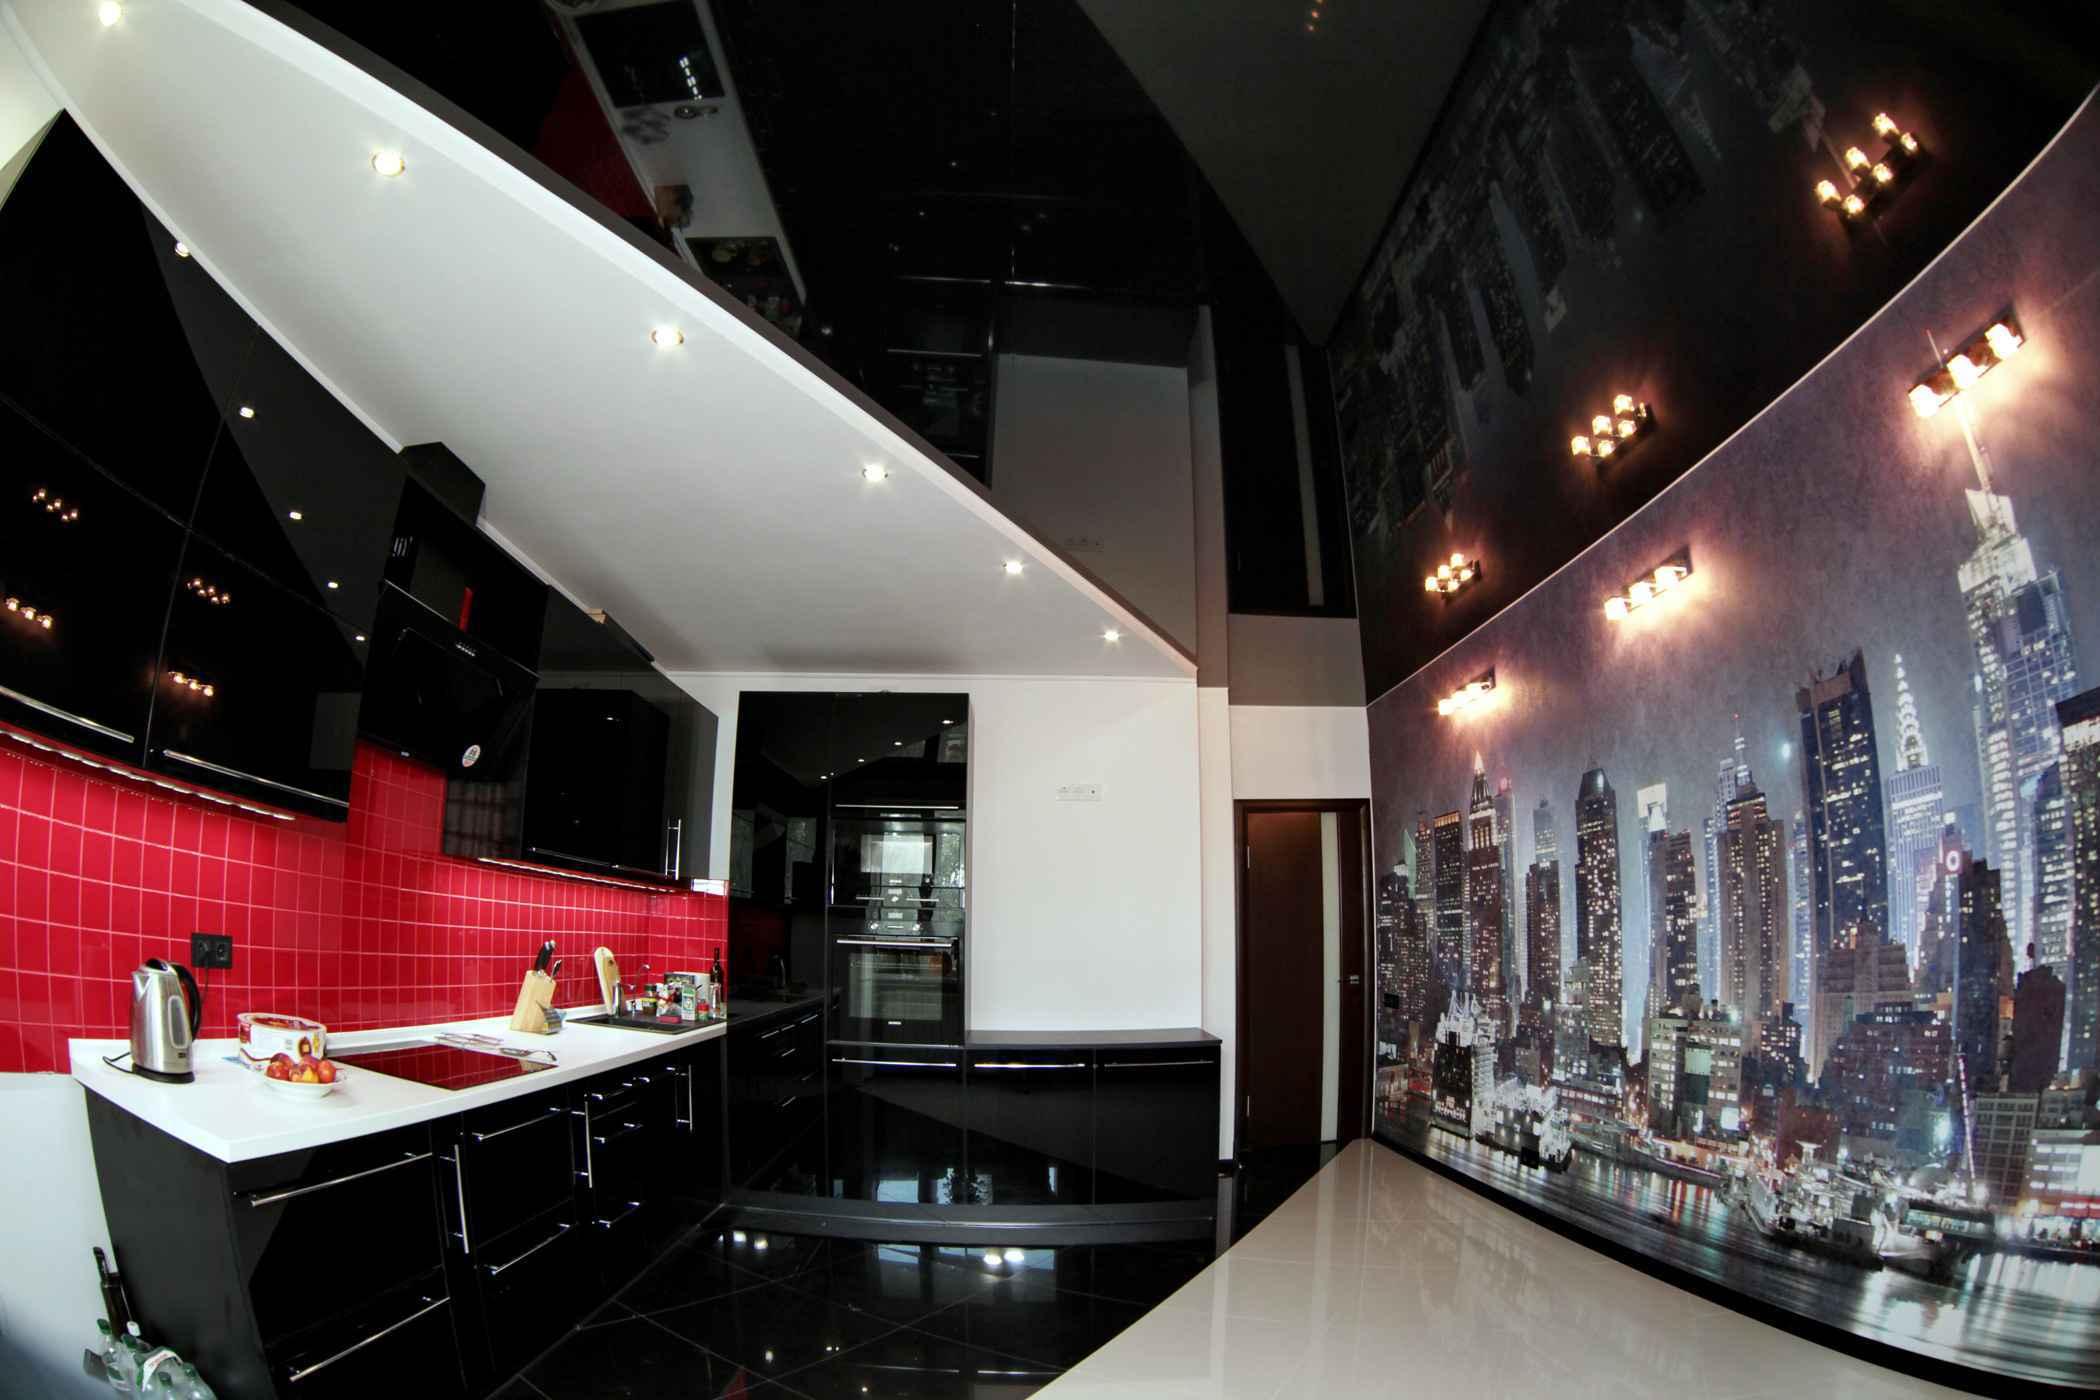 луганские, они черный натяжных потолков на кухню фото черно-белые